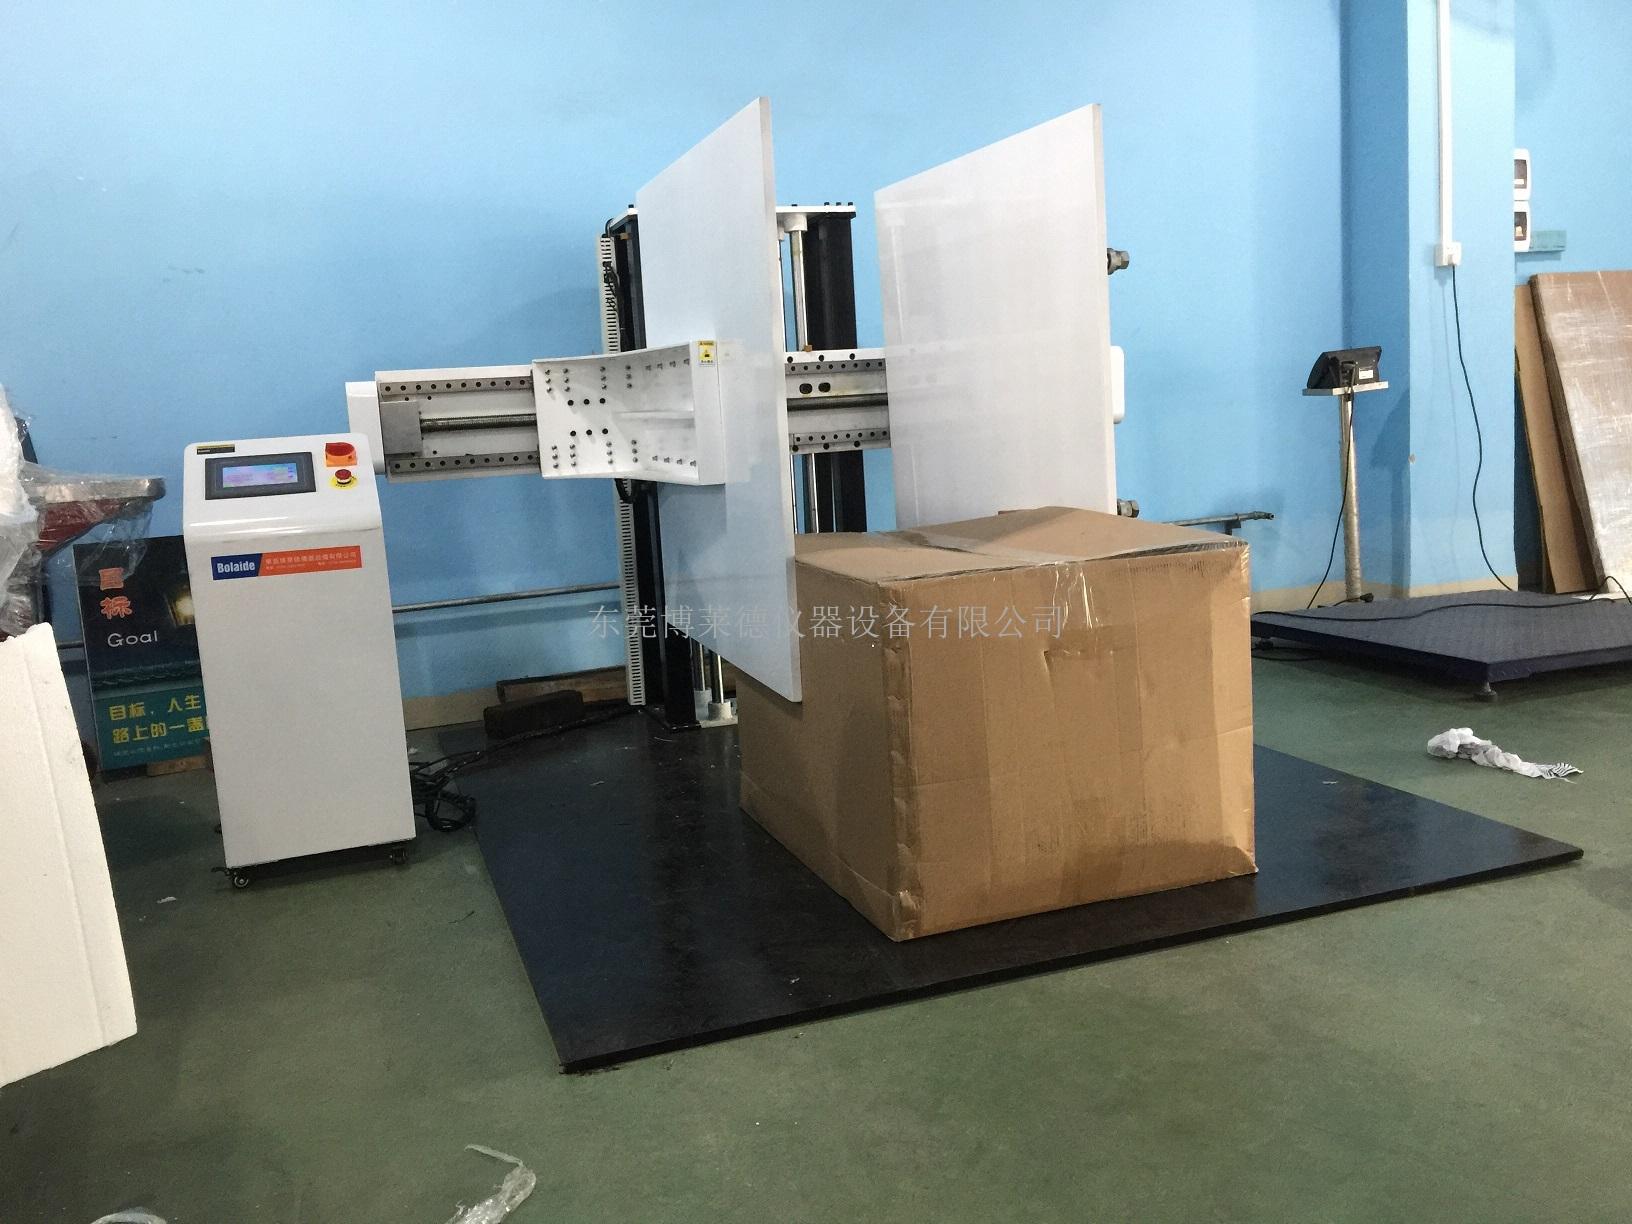 紙箱夾抱試驗機/紙箱夾抱測試機/紙箱夾抱測試儀/紙箱夾持力測試機/